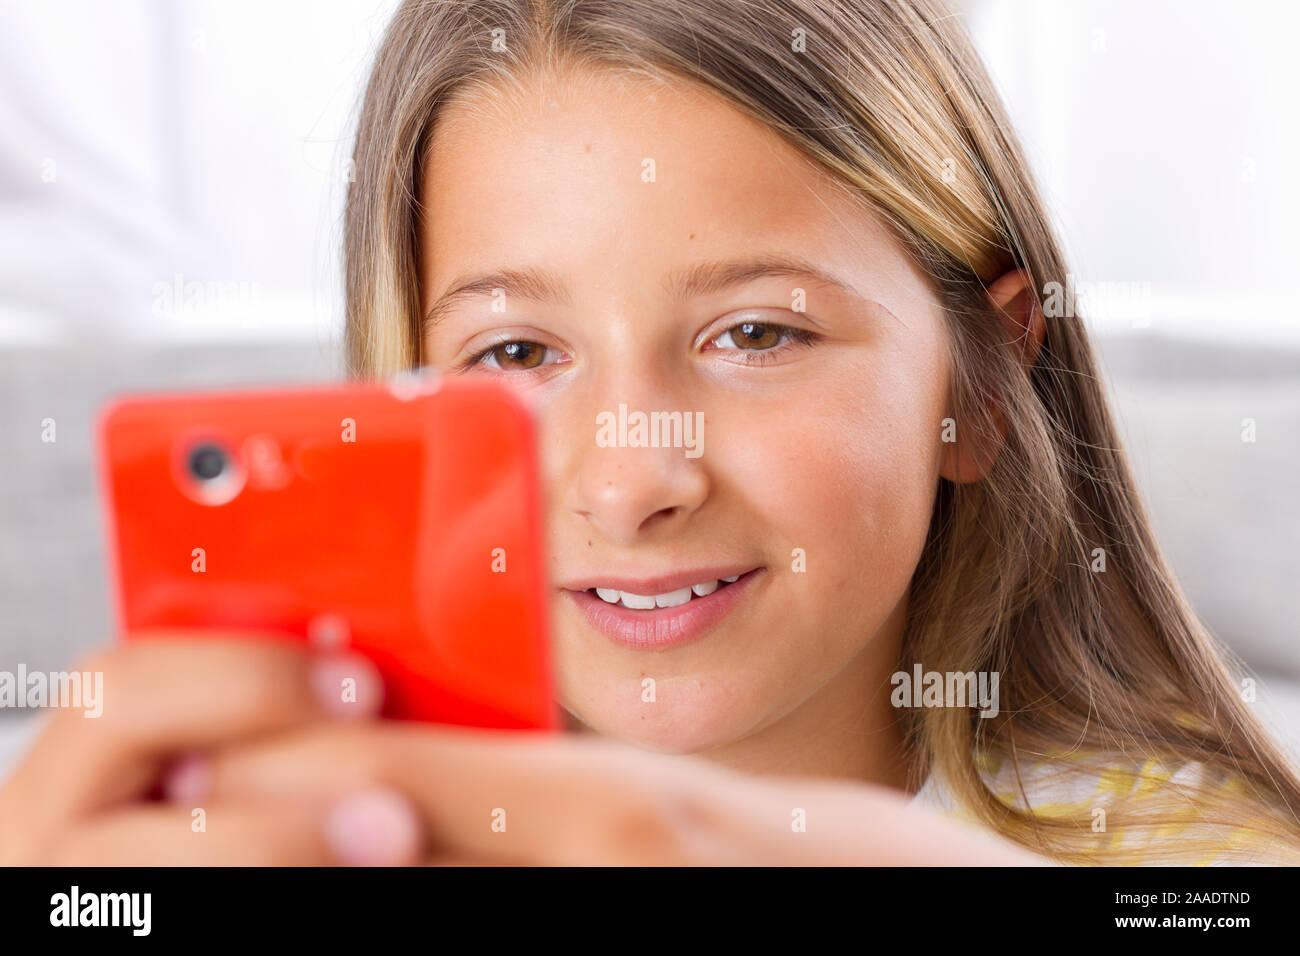 Jugendliche mit Smartphone Foto Stock